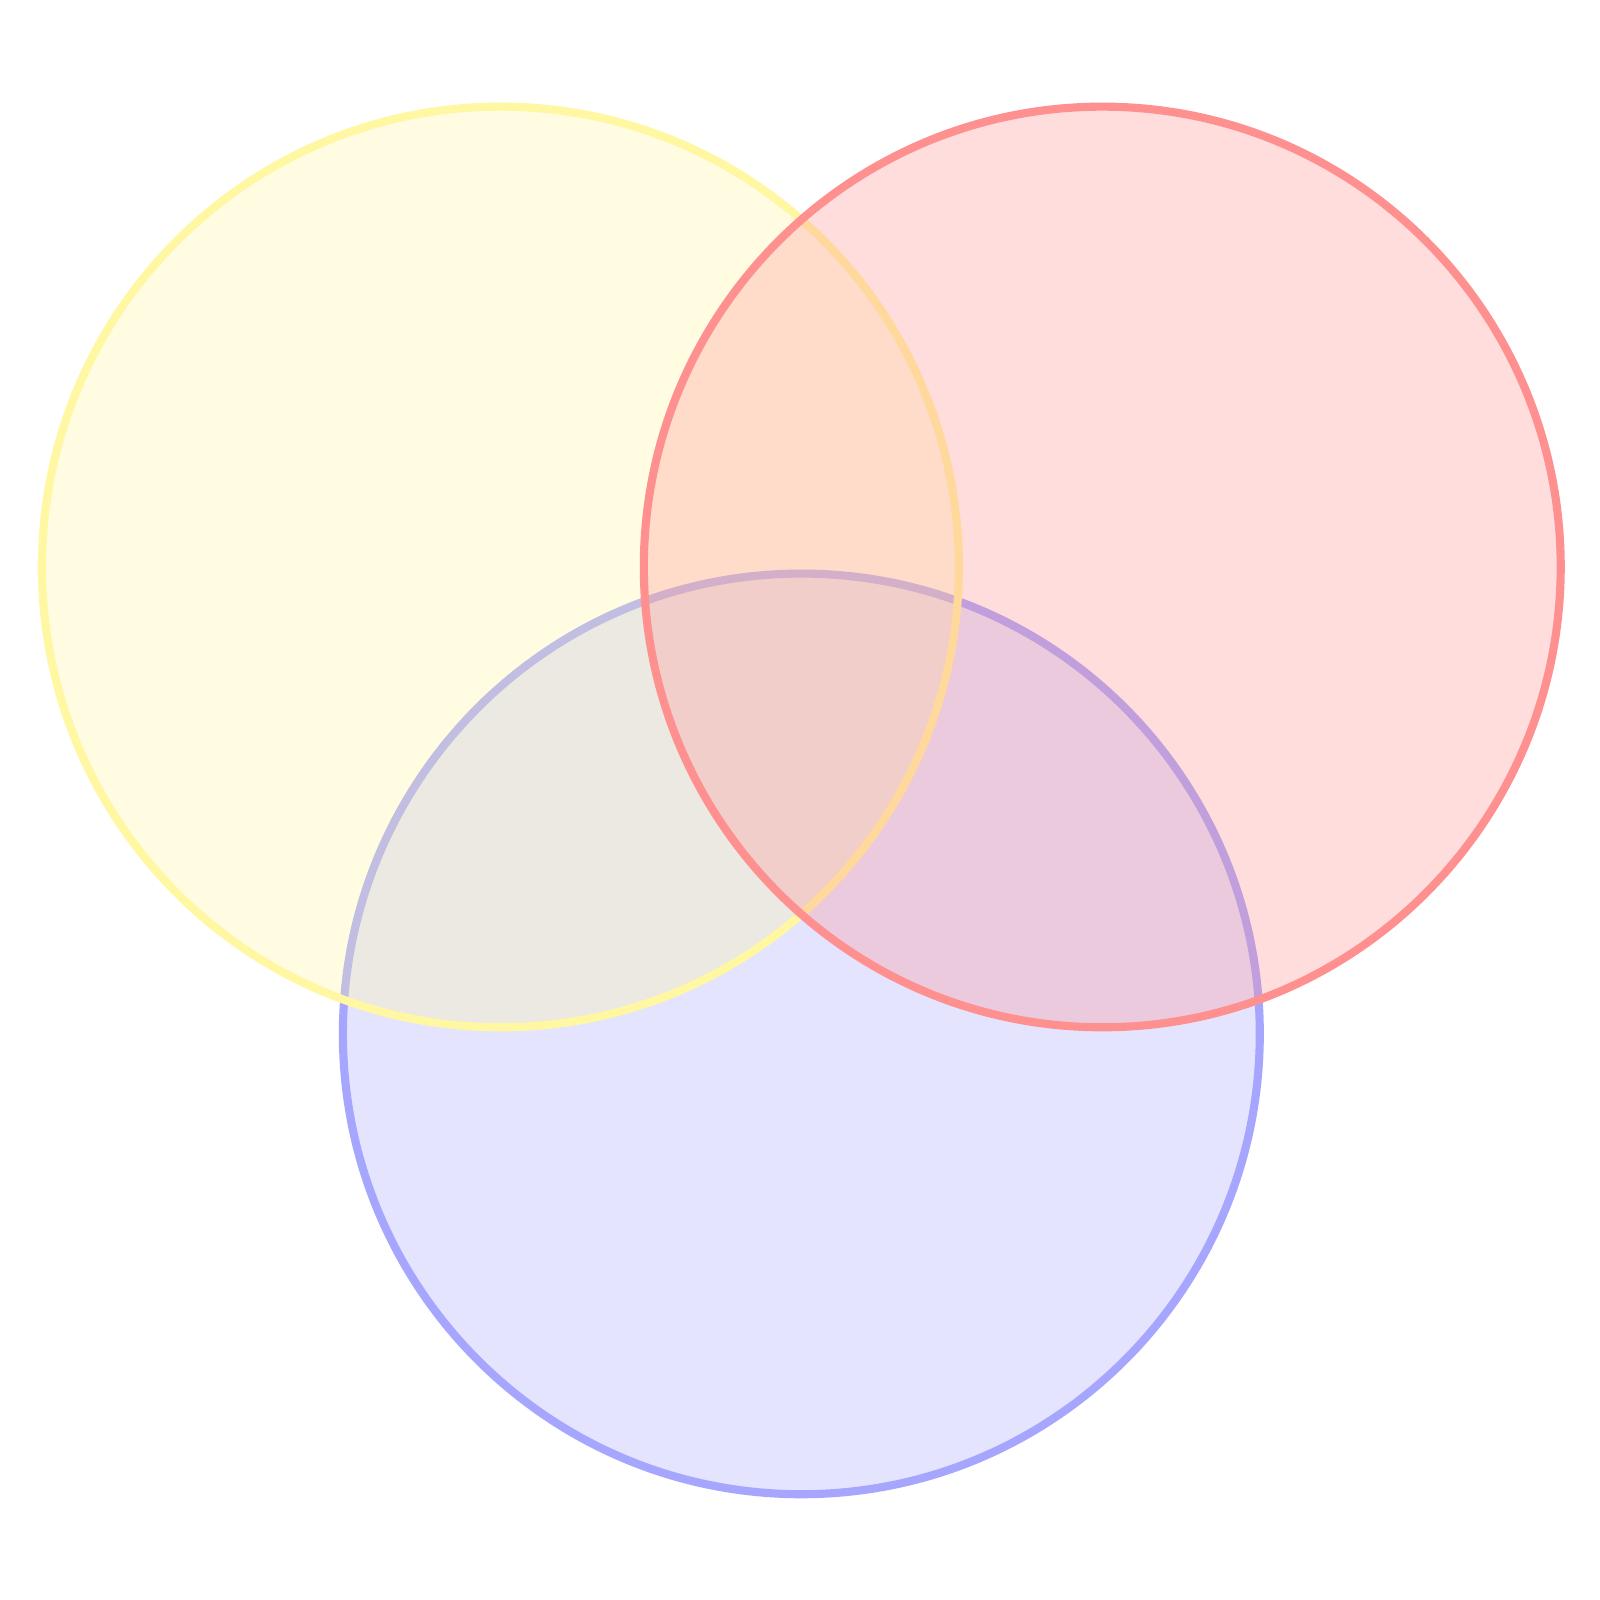 Venn-Diagramm mit 3 Kreisen-Voralge